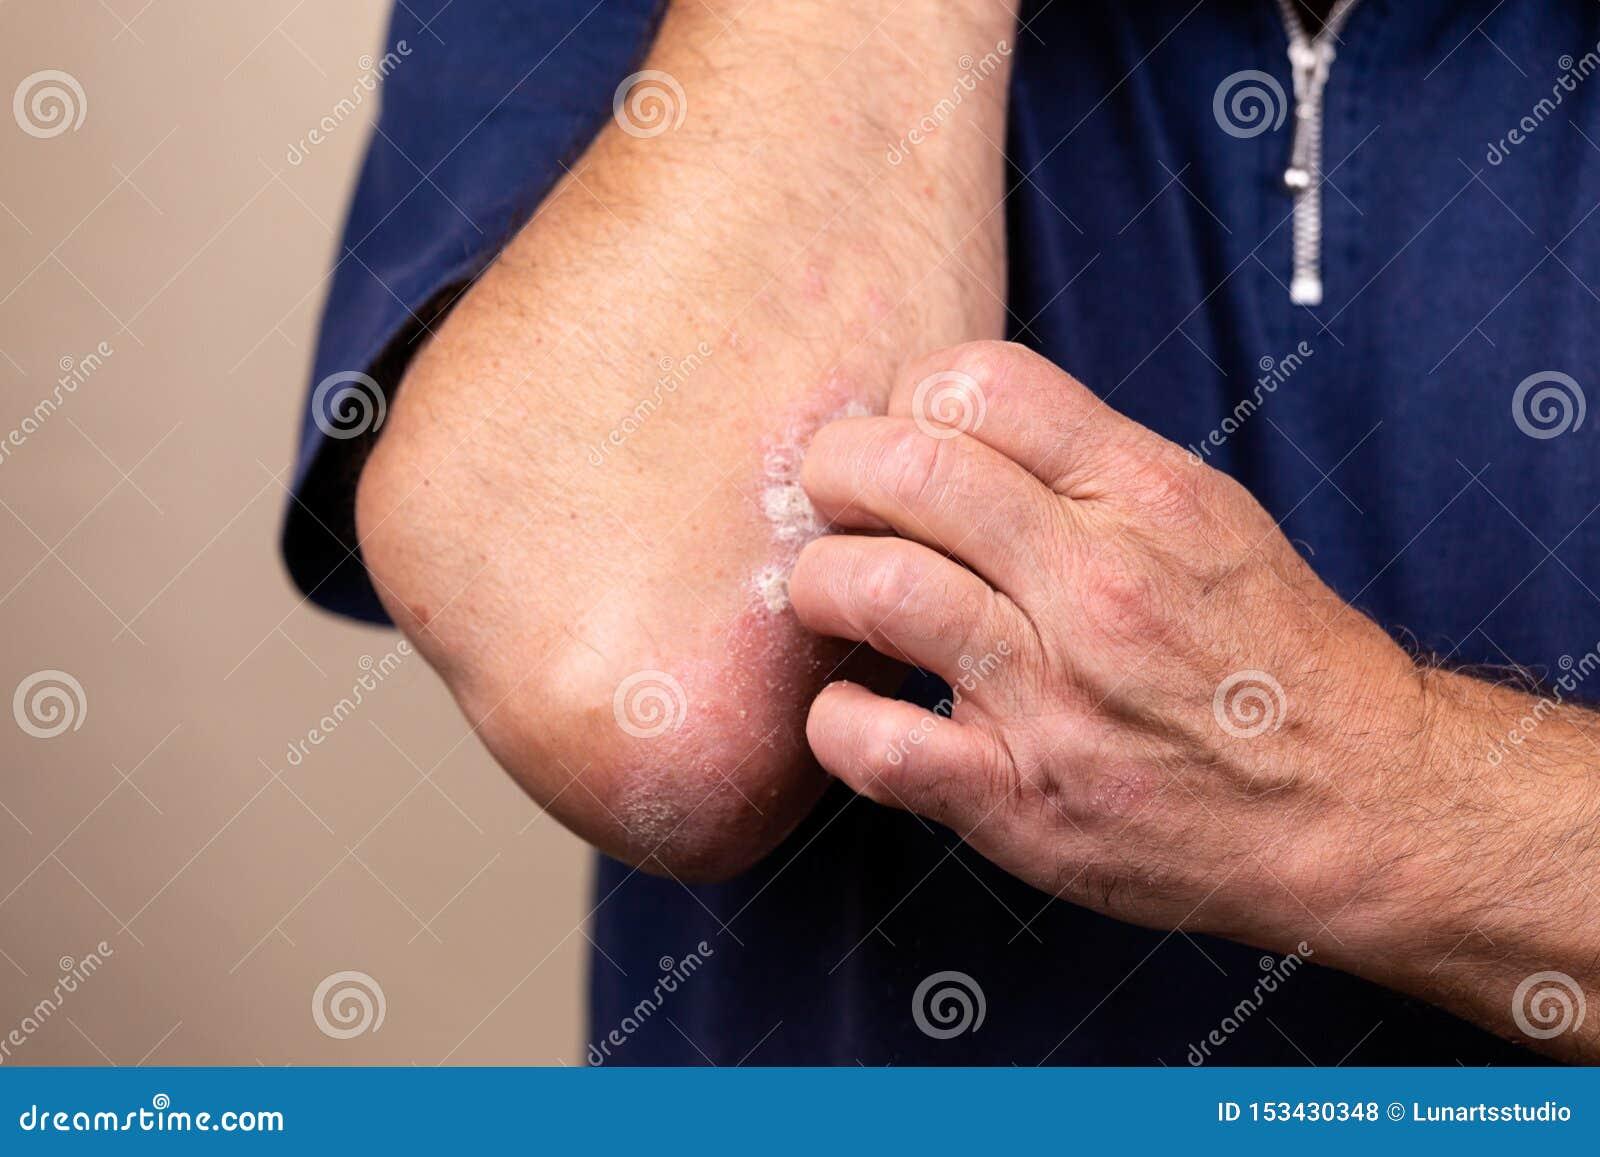 Sluit omhoog dermatitis op huid, ziek allergisch onbesuisd dermatitiseczema van patiënt, atopic textuur van het de huiddetail van